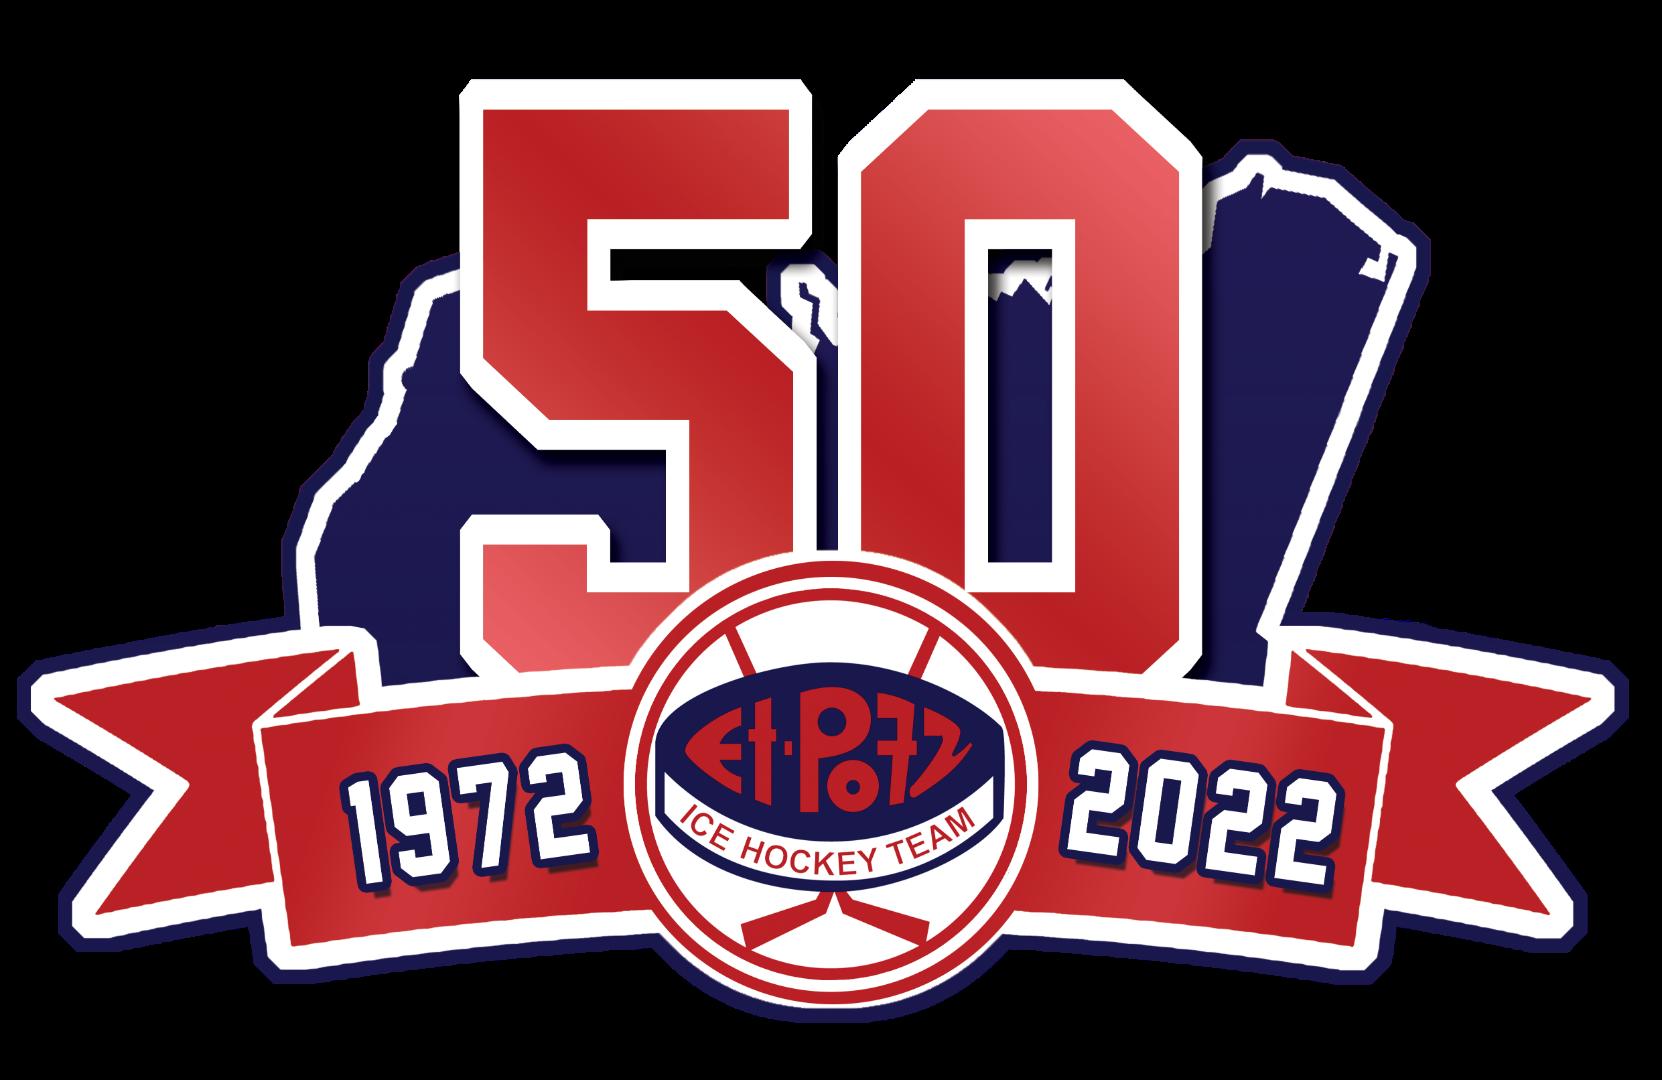 Juhlakauden logon julkistus